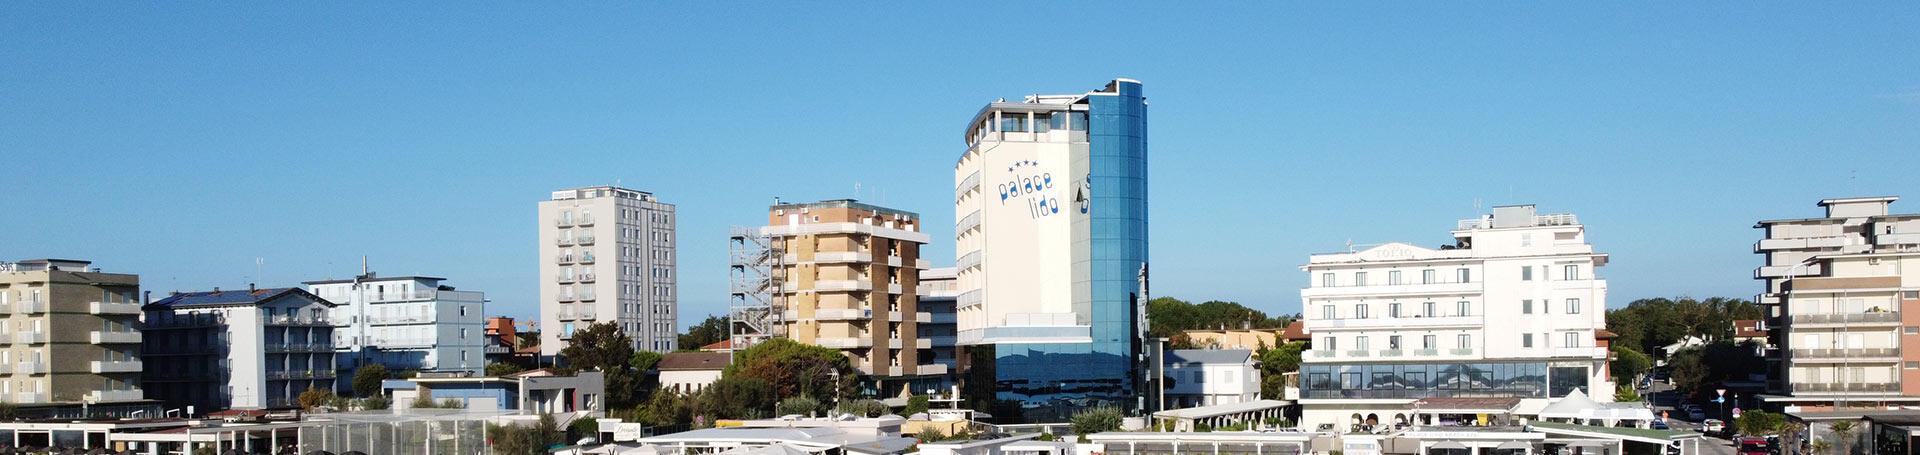 palacelidohotel fr avis-et-commentaires 011